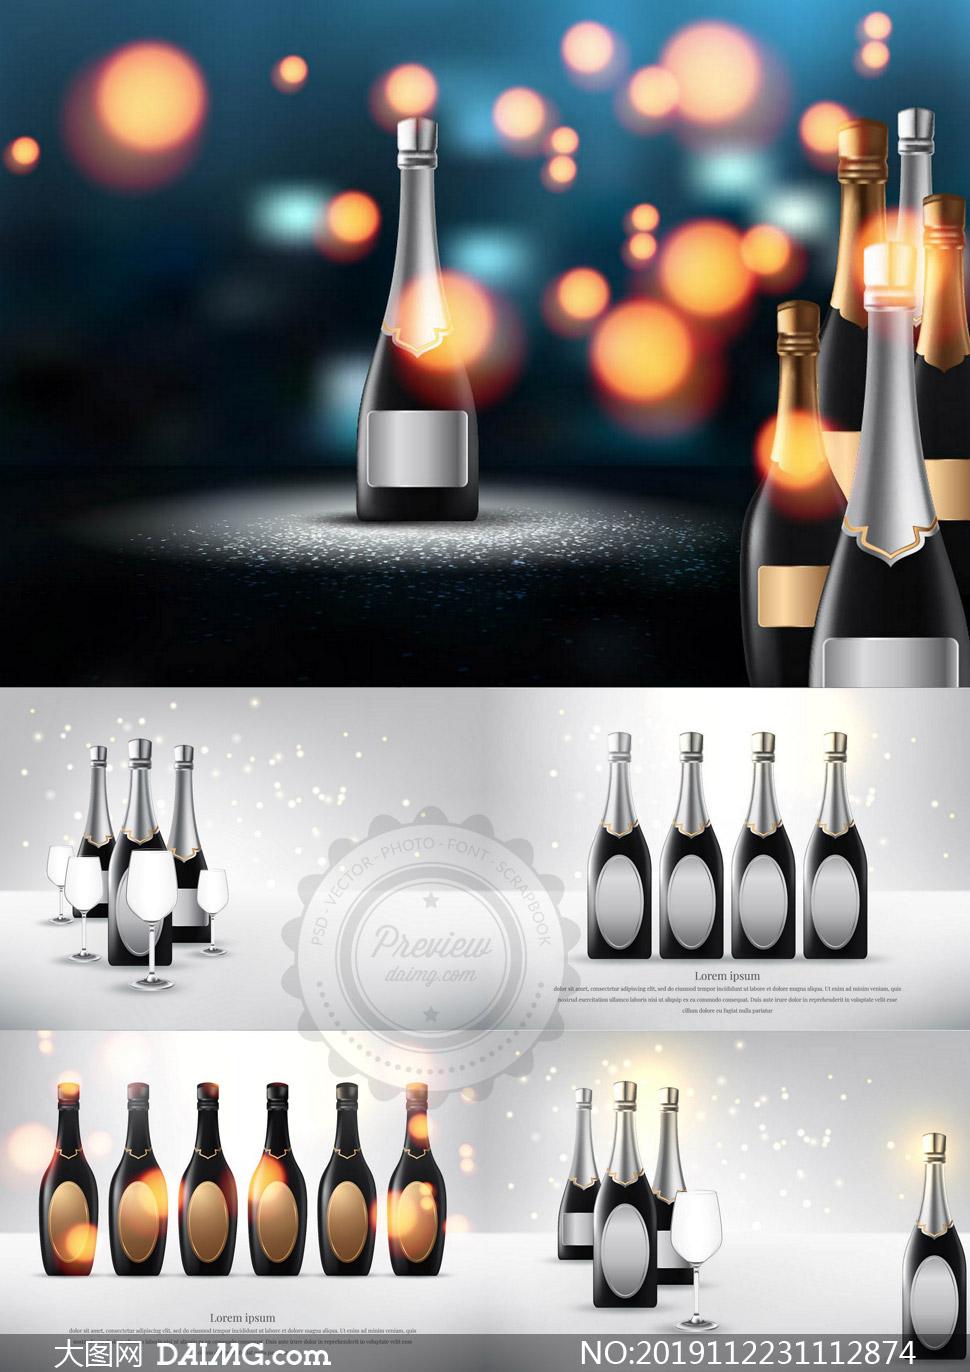 光效点缀的香槟酒瓶创意矢量素材V07